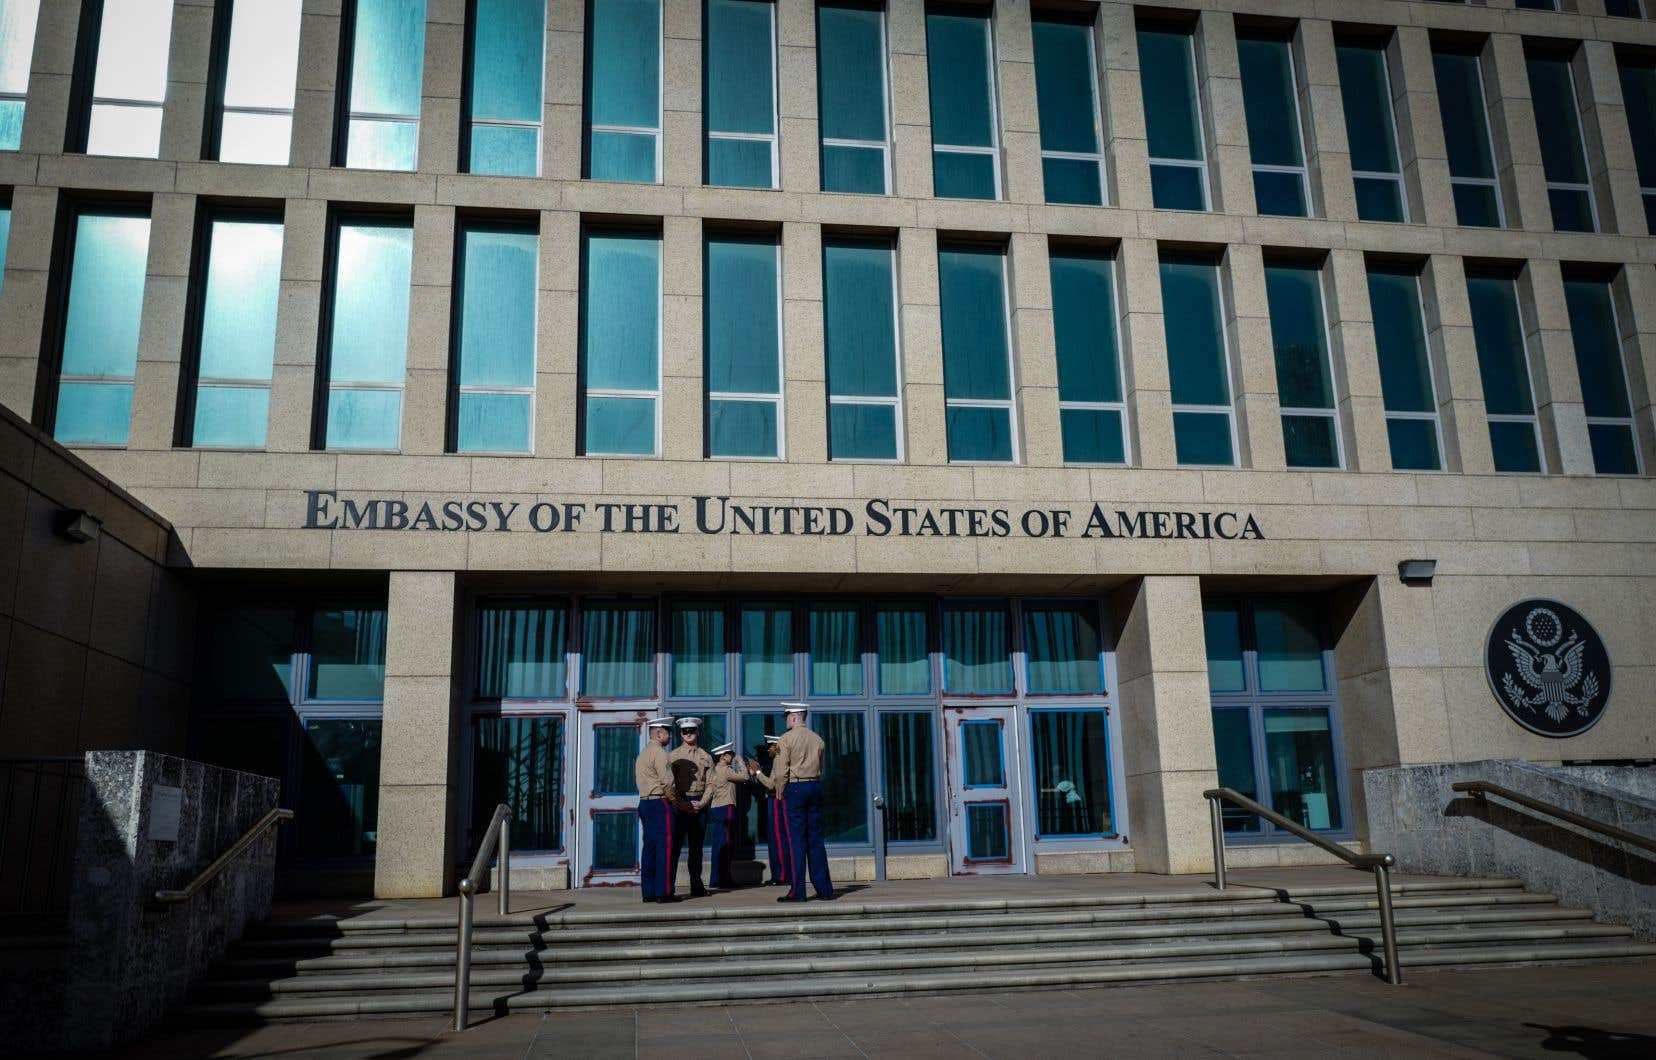 Des soldats de la marine américaine montent la garde devant l'ambassade des États-Unis à La Havane en février dernier.